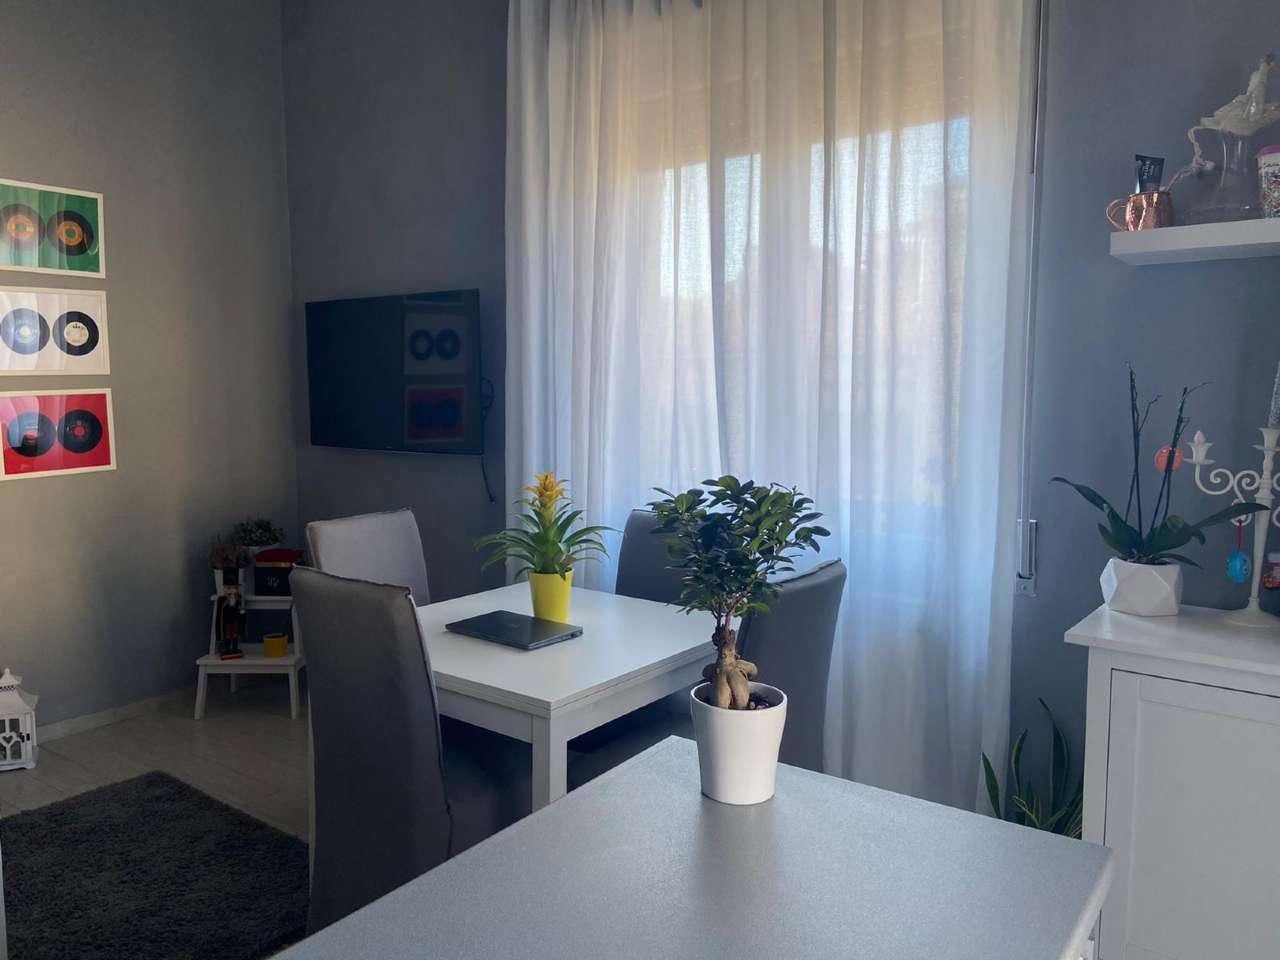 Appartamento, Viale degli Alimena, Centro, Cosenza, foto 1